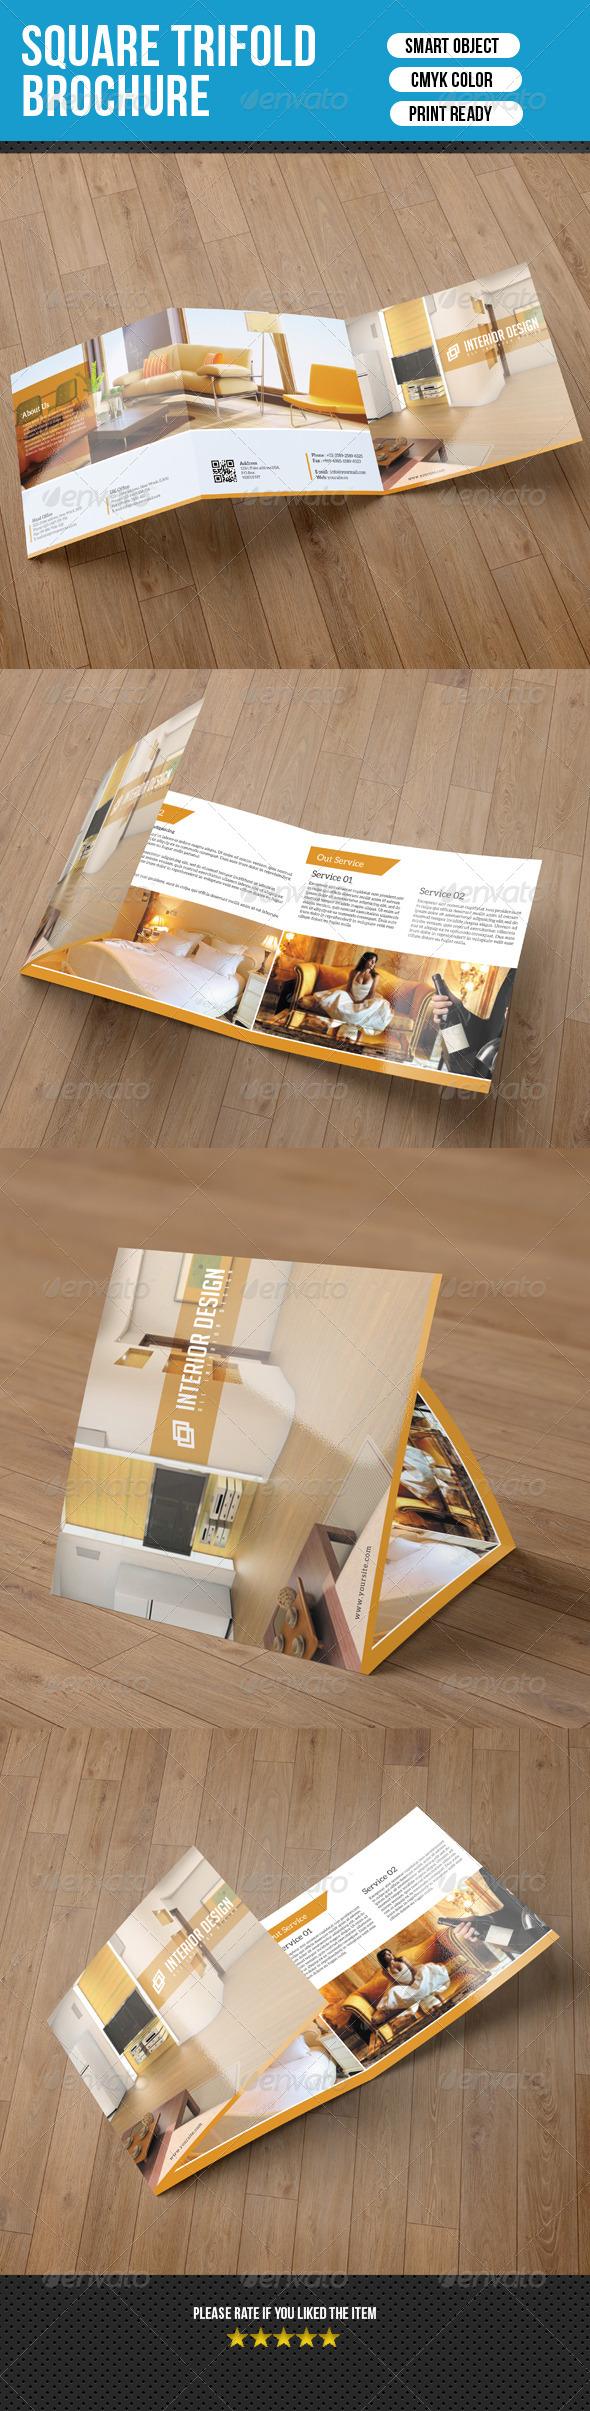 GraphicRiver Square Trifold Brochure-Interior Design 7549541